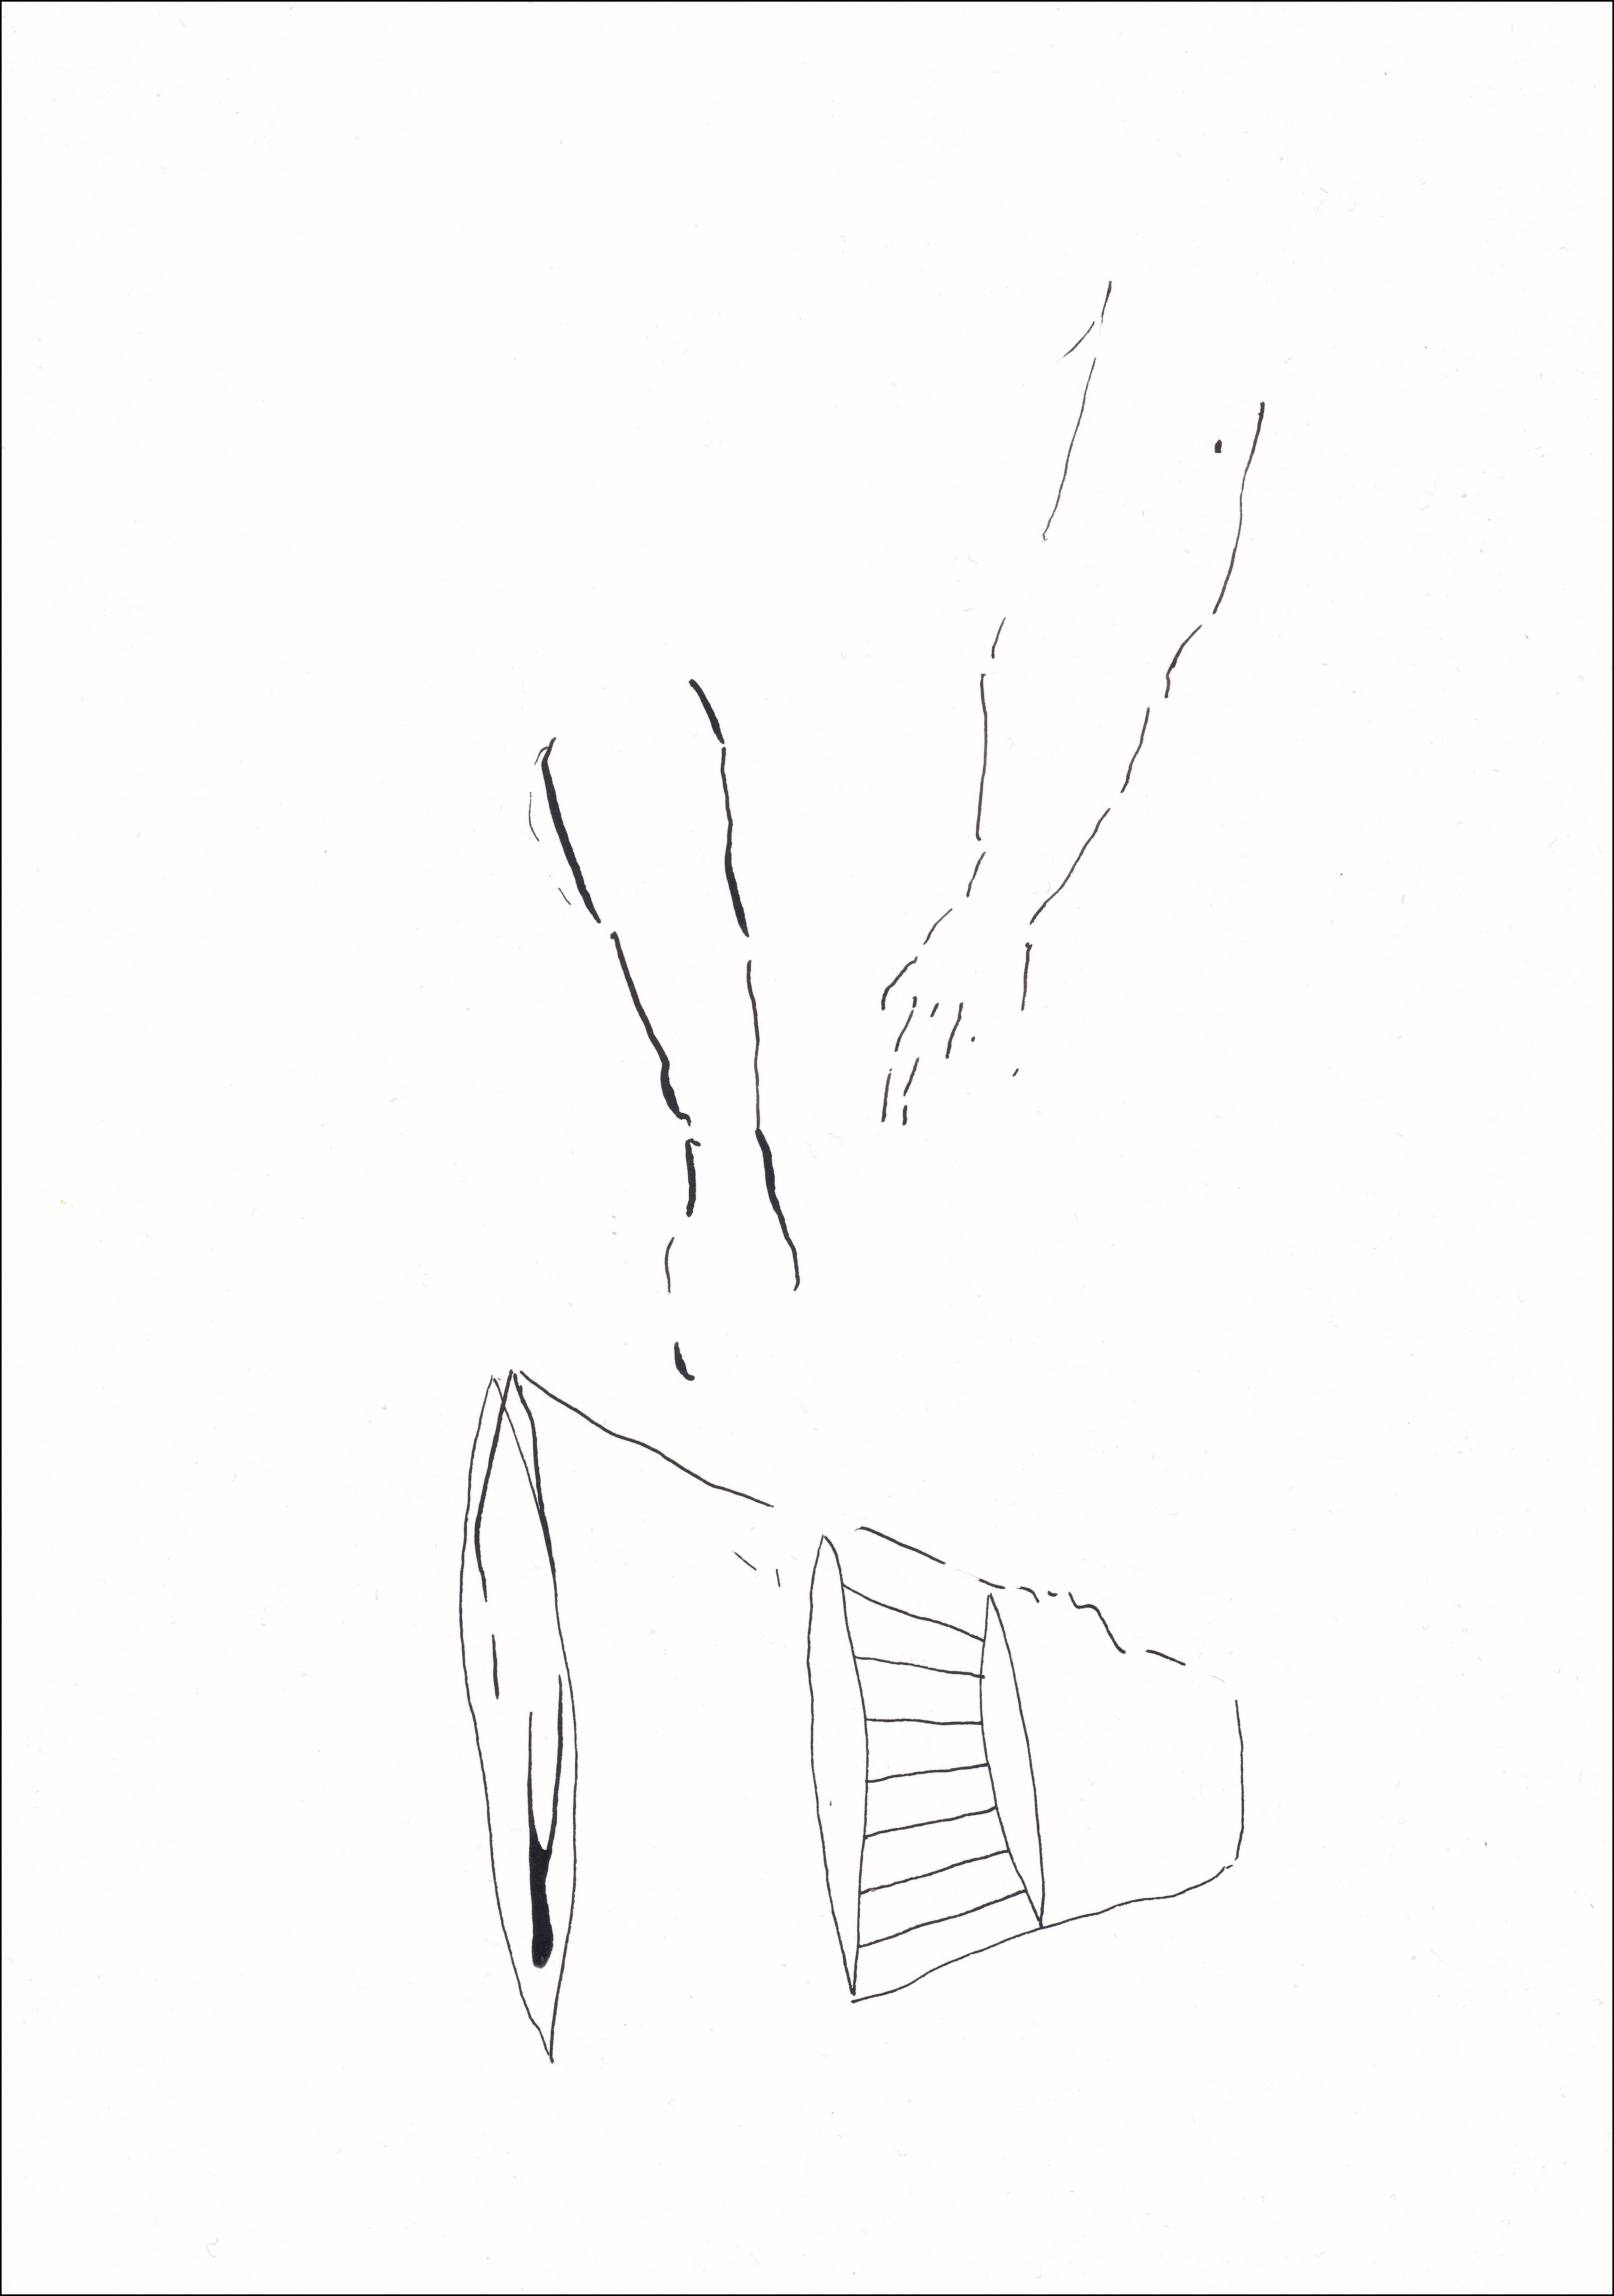 L CHAOUAT dessin 14 21x30 cm